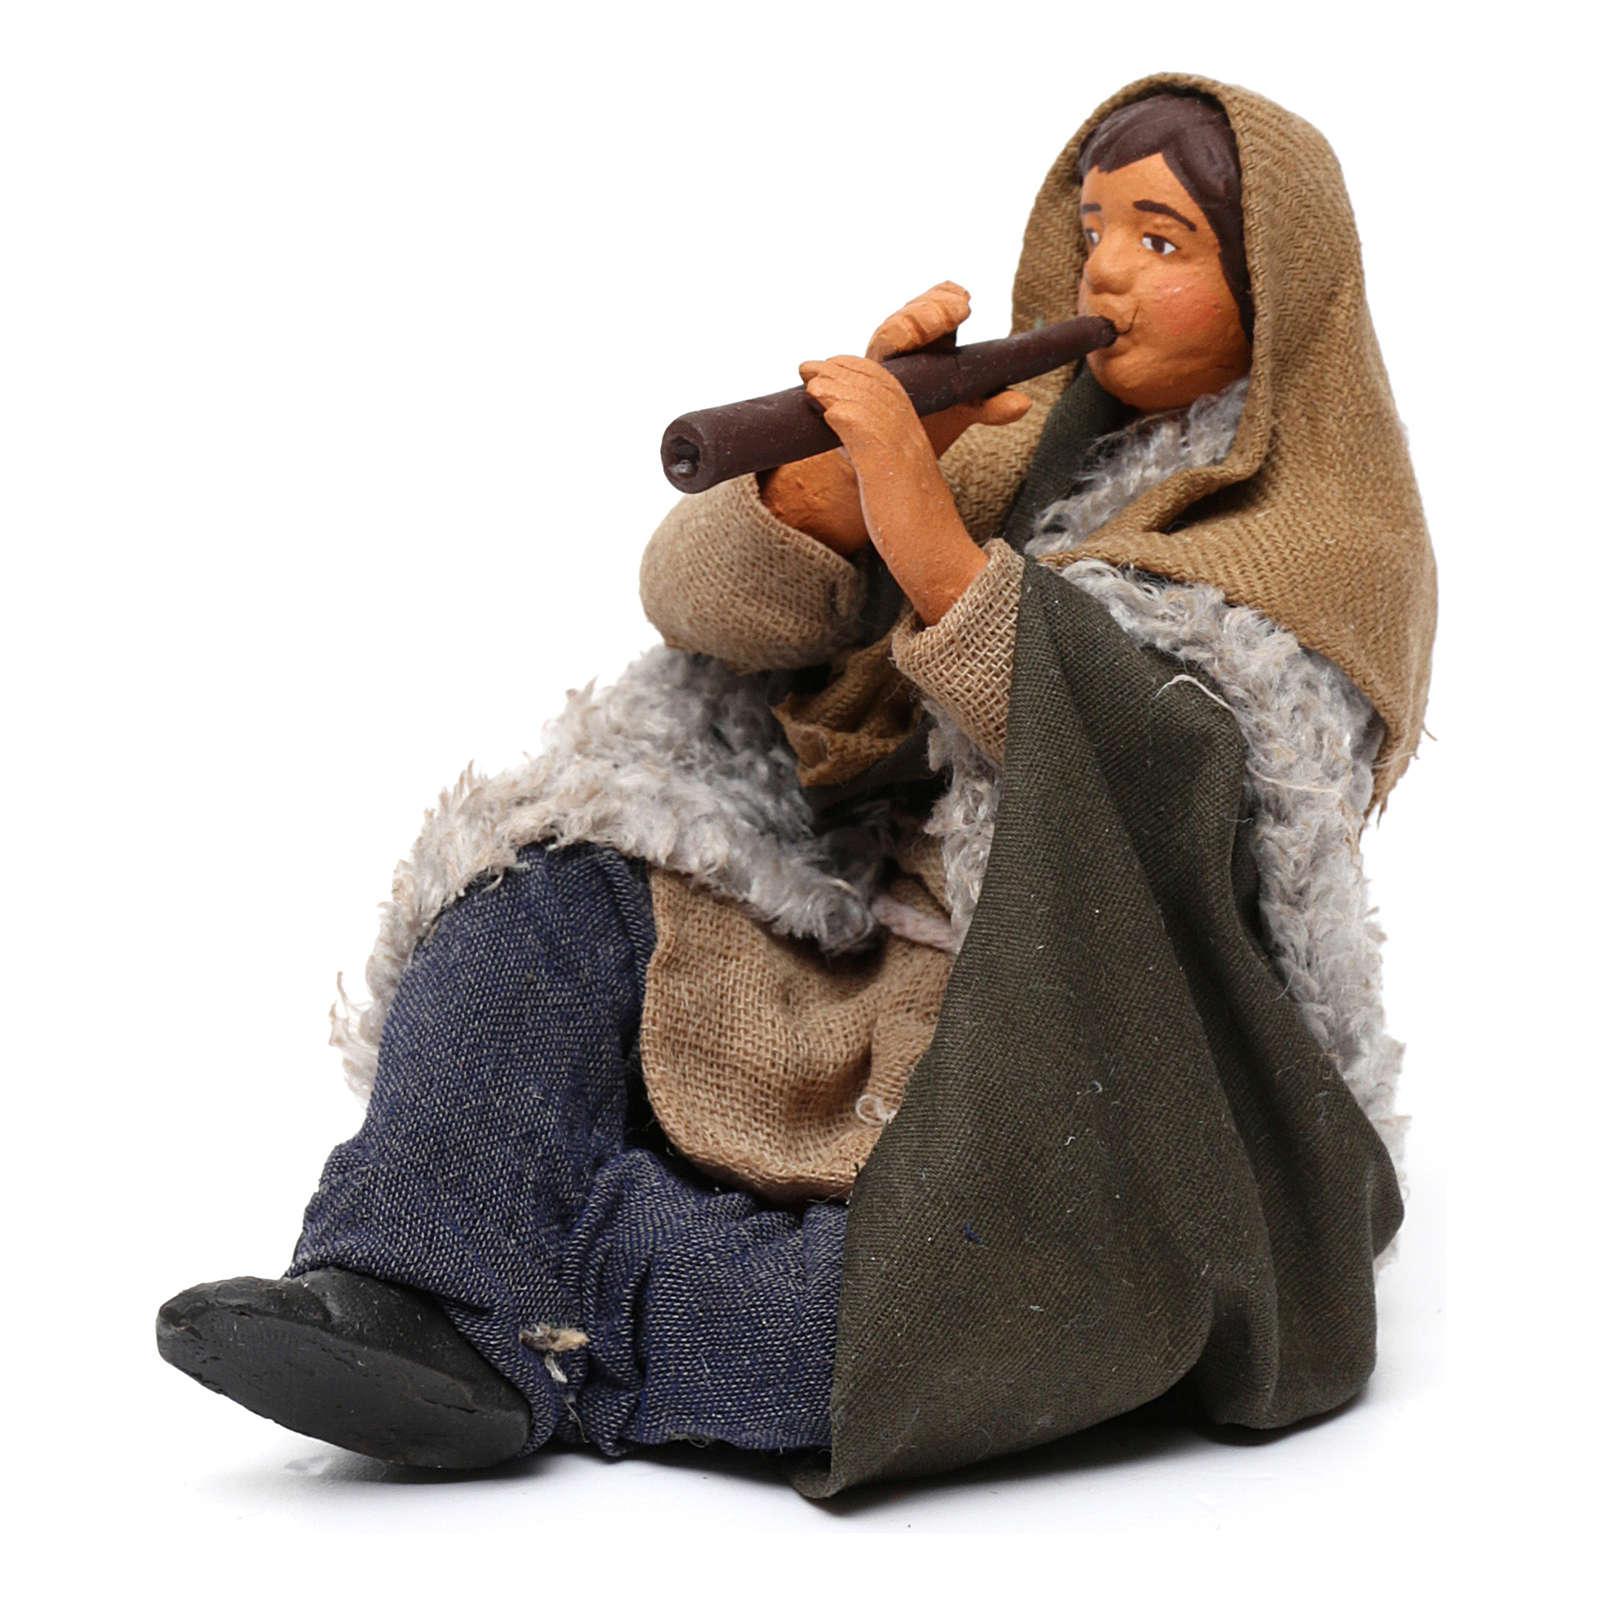 Flautista sentado en el suelo belén napolitano 12 cm de altura media 4